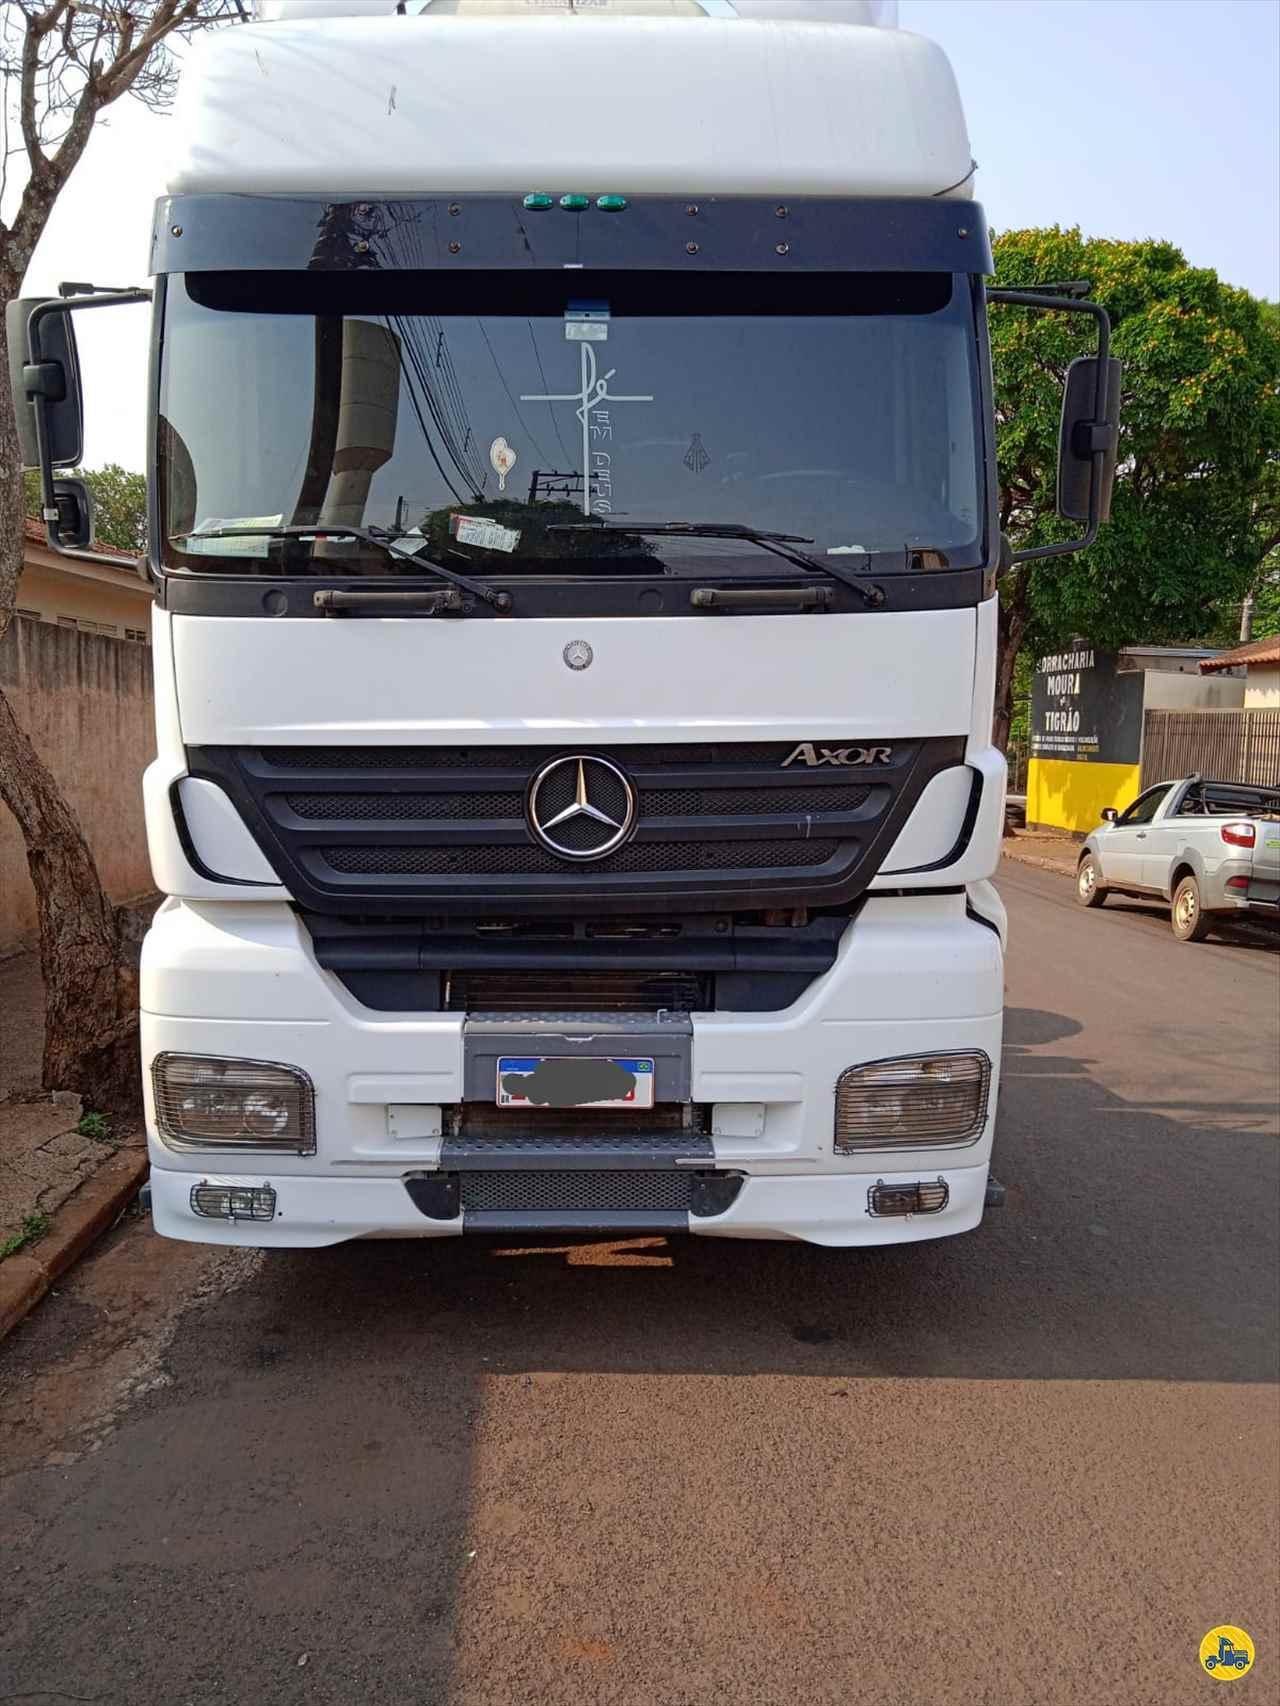 CAMINHAO MERCEDES-BENZ MB 2040 Cavalo Mecânico Truck 6x2 Mundial Caminhões e Carretas PALMITAL SÃO PAULO SP